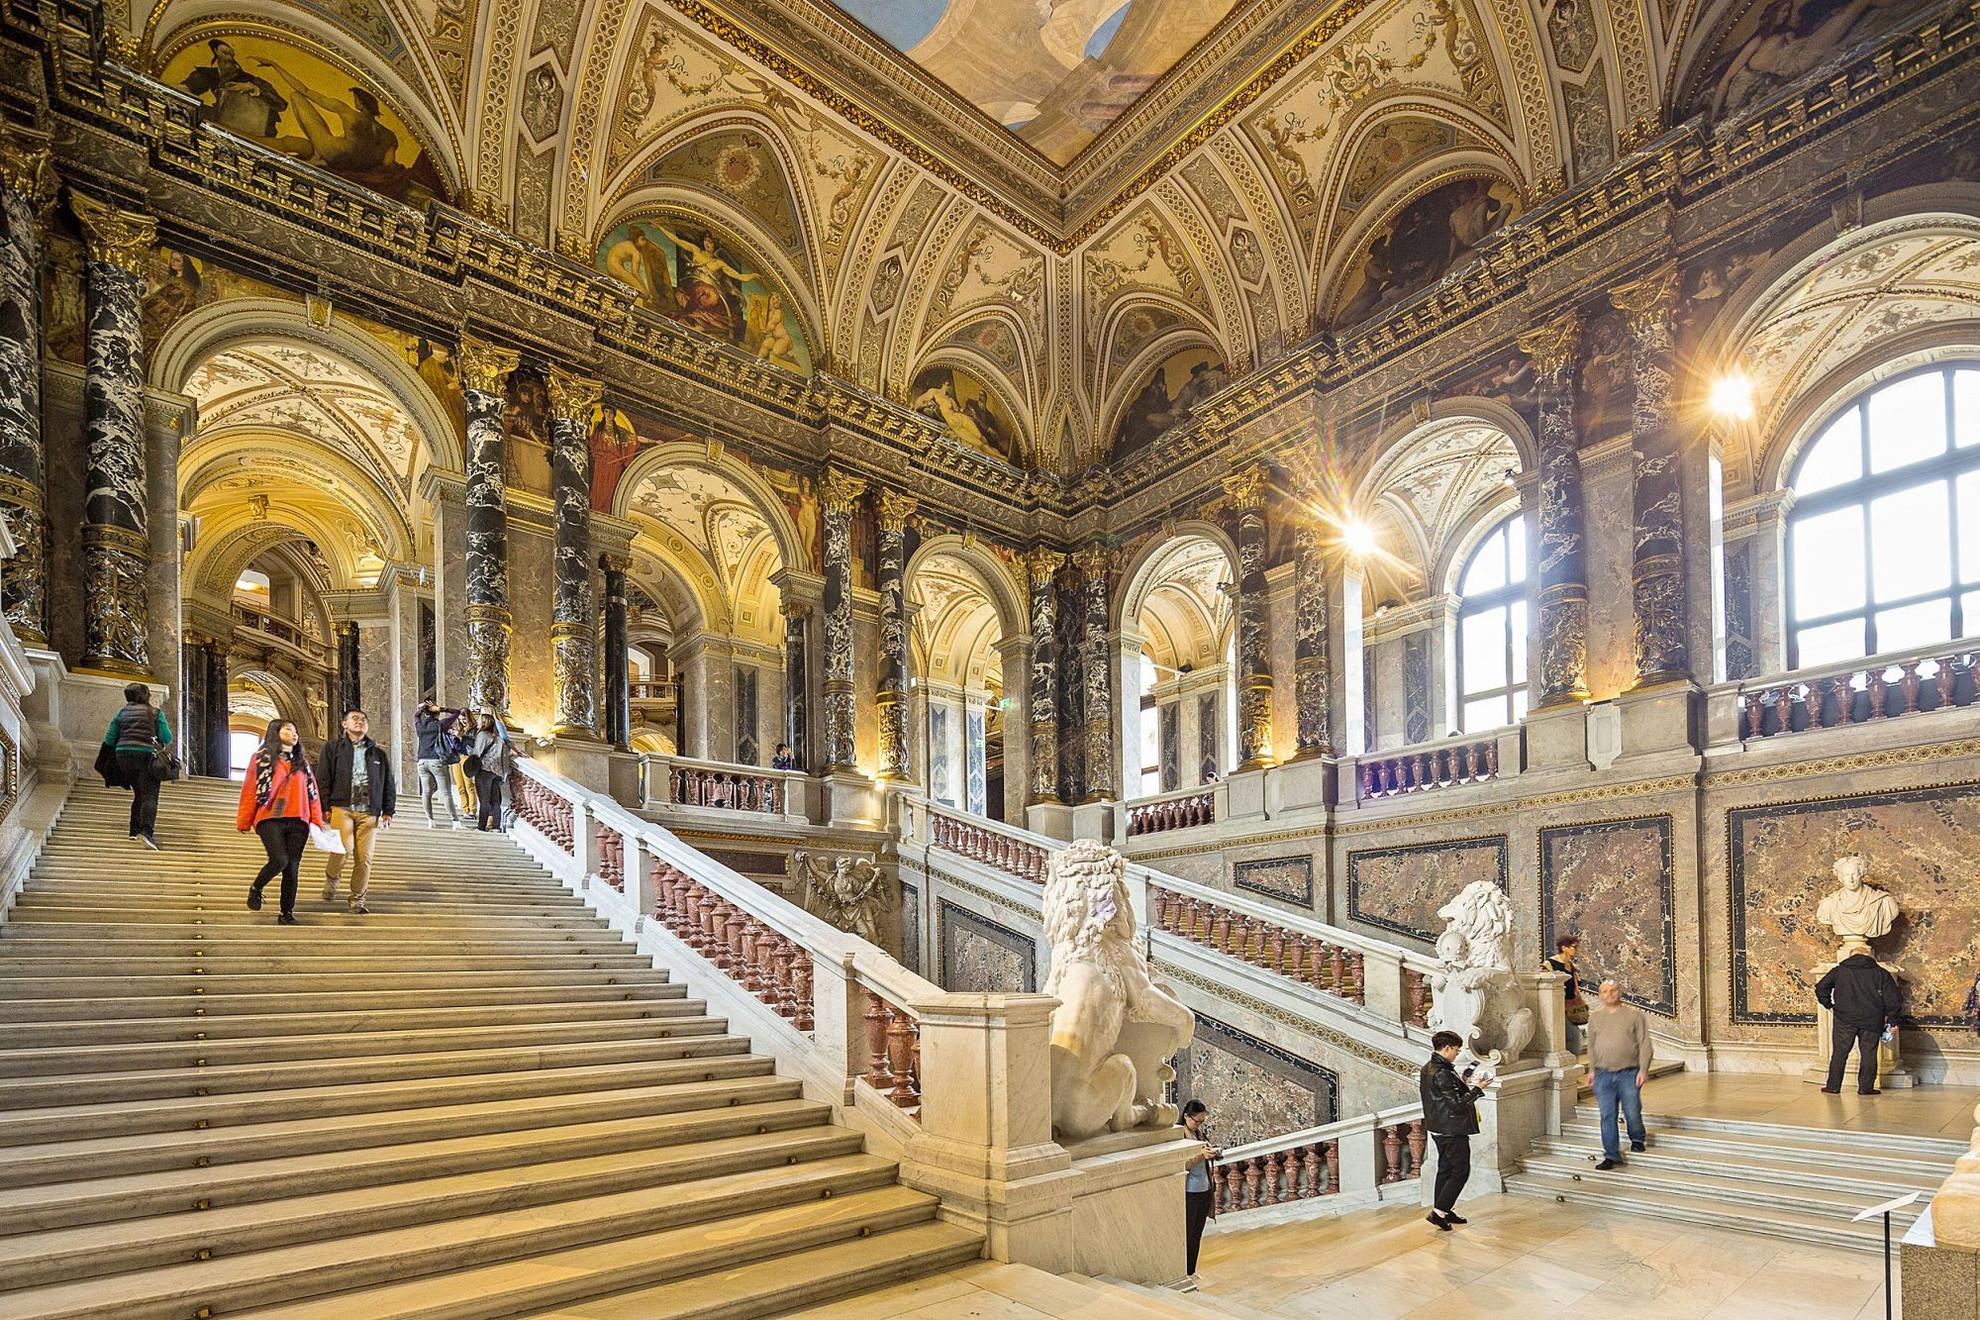 Az intézmény évi több mint egymillió látogatót vonz különleges kiállításaival